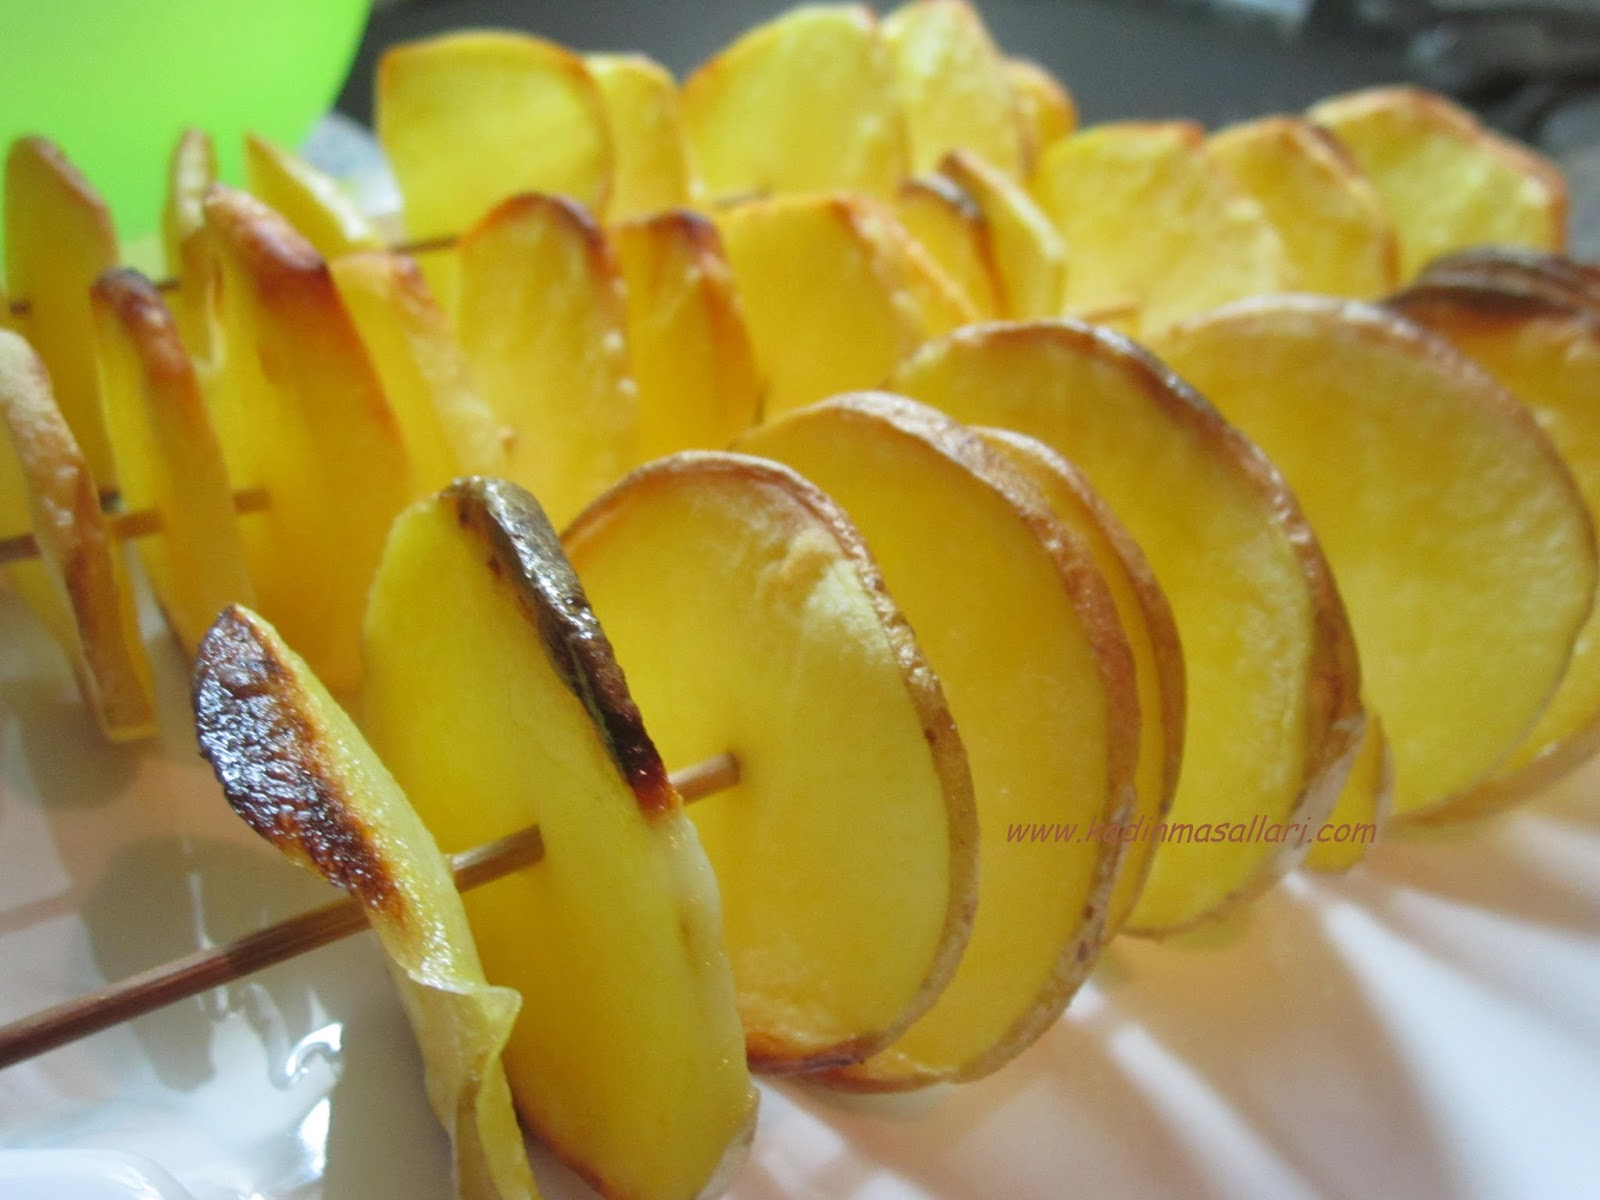 Fırında Patates Cipsi Nasıl Yapılır